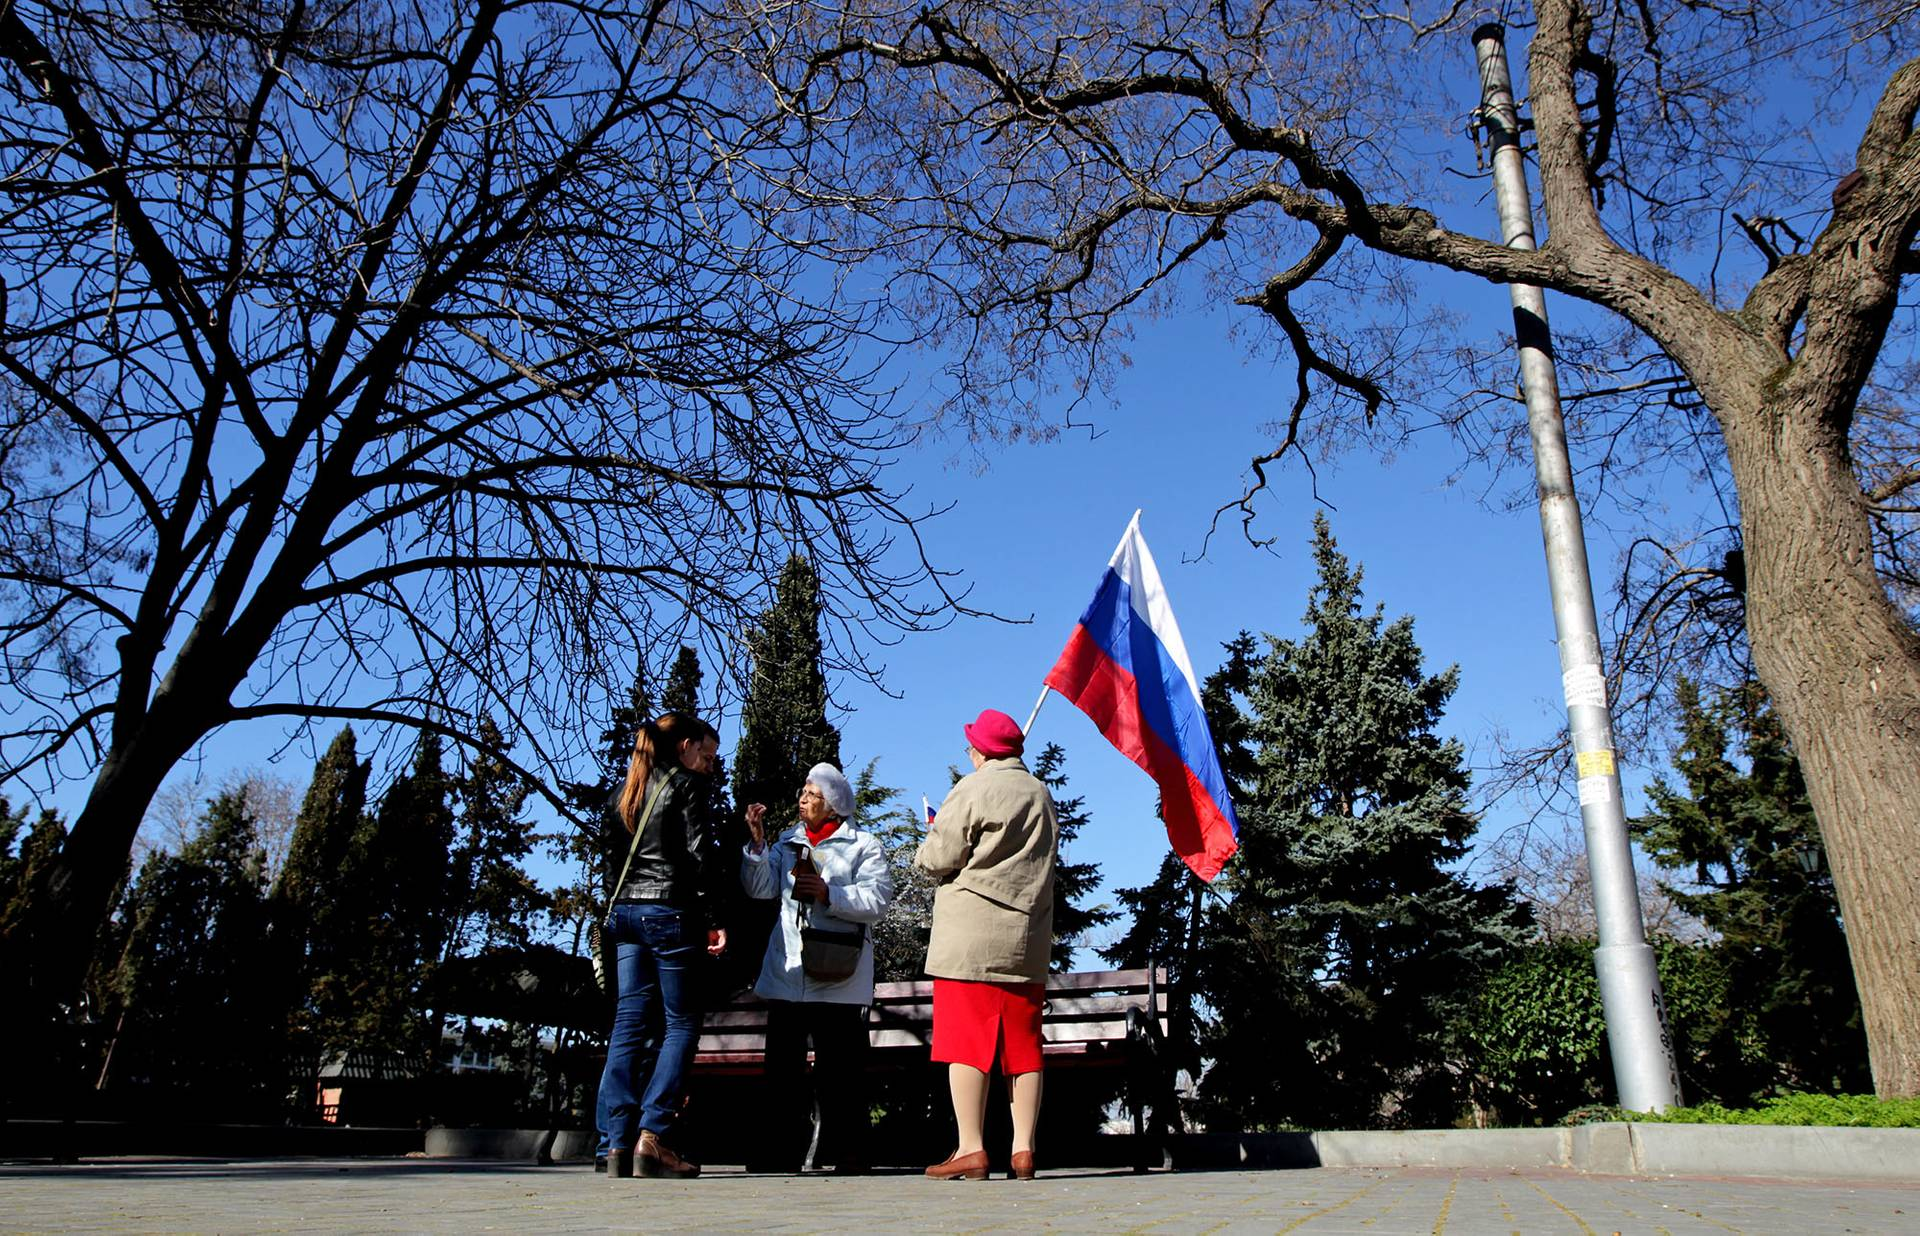 Жінки із російським прапором на вулиці у Севастополі напередодні псевдореферендуму, Крим, 15 березня 2014 року